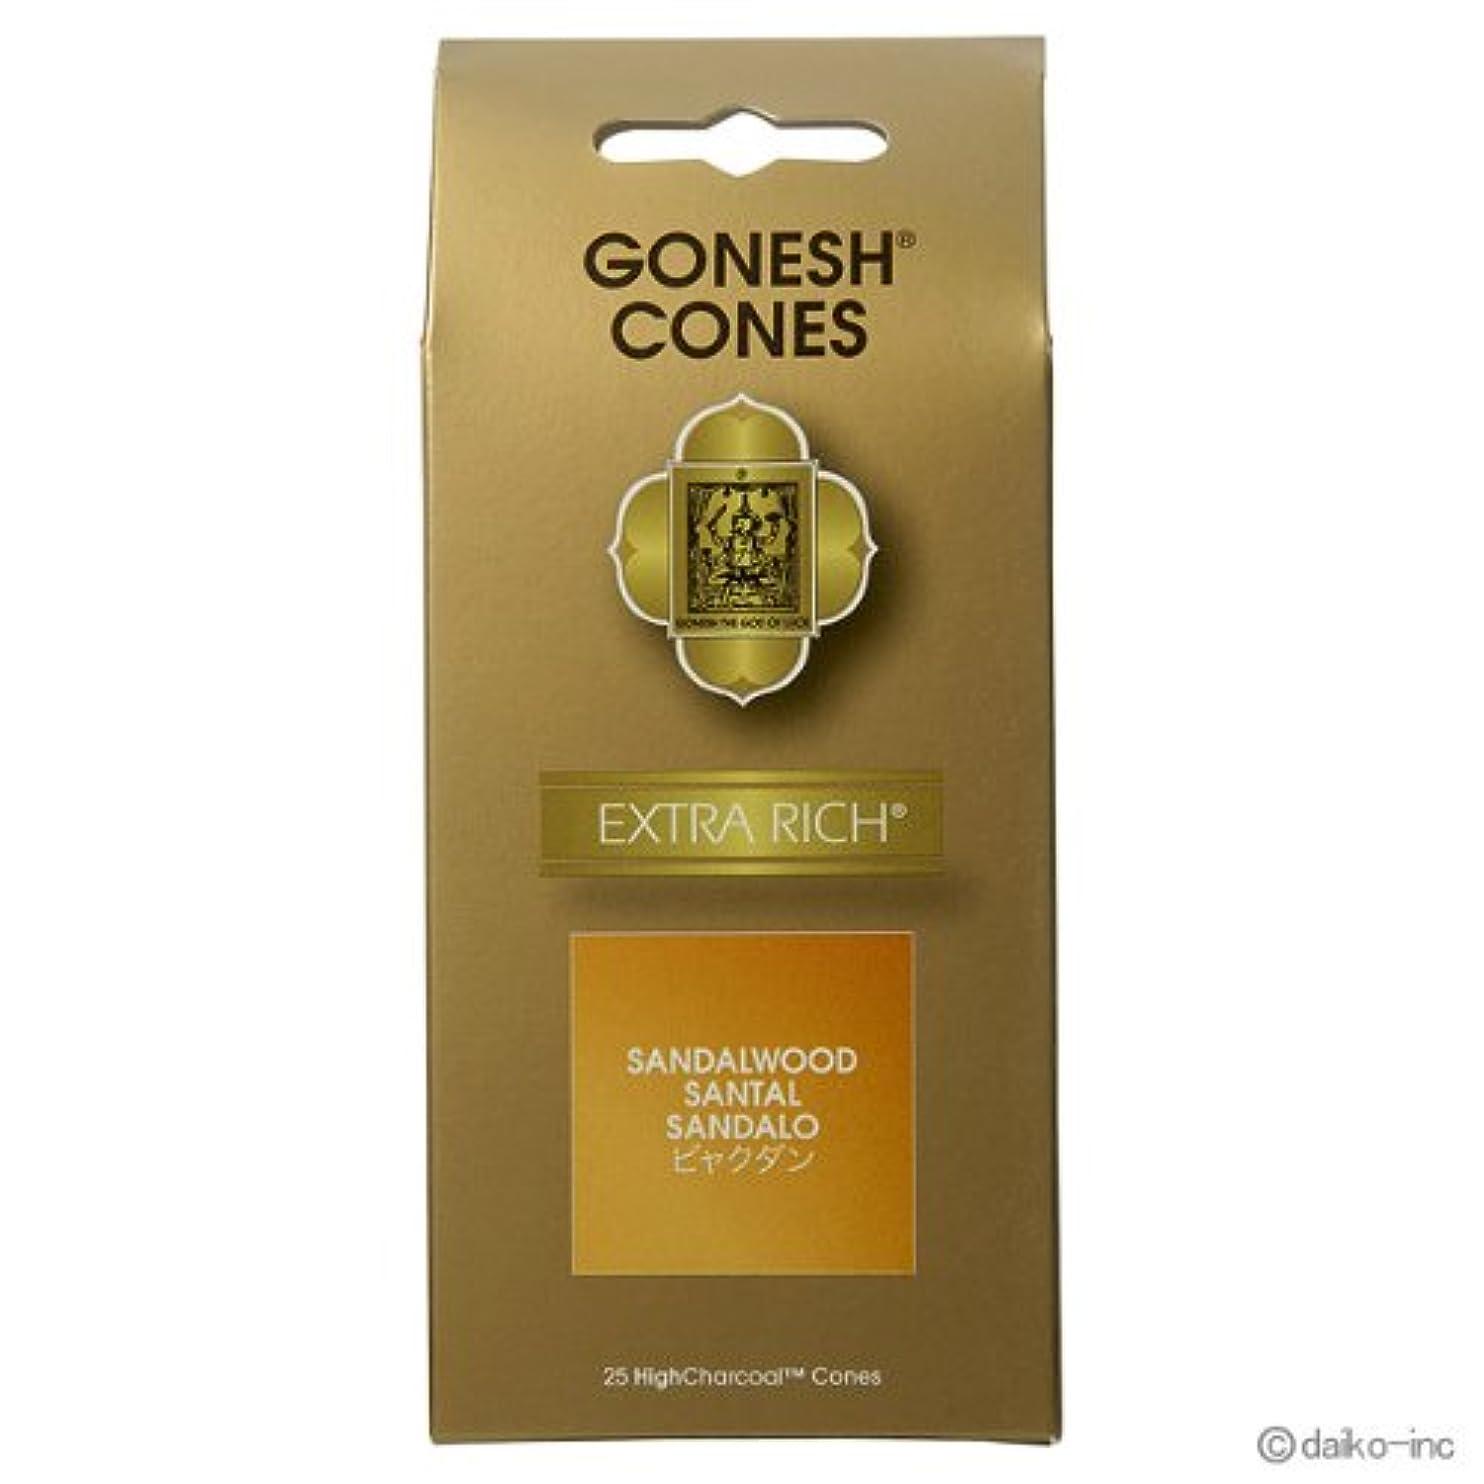 送信する脇にふりをするガーネッシュ GONESH エクストラリッチ サンダルウッド(白檀) お香コーン25ヶ入 6個セット